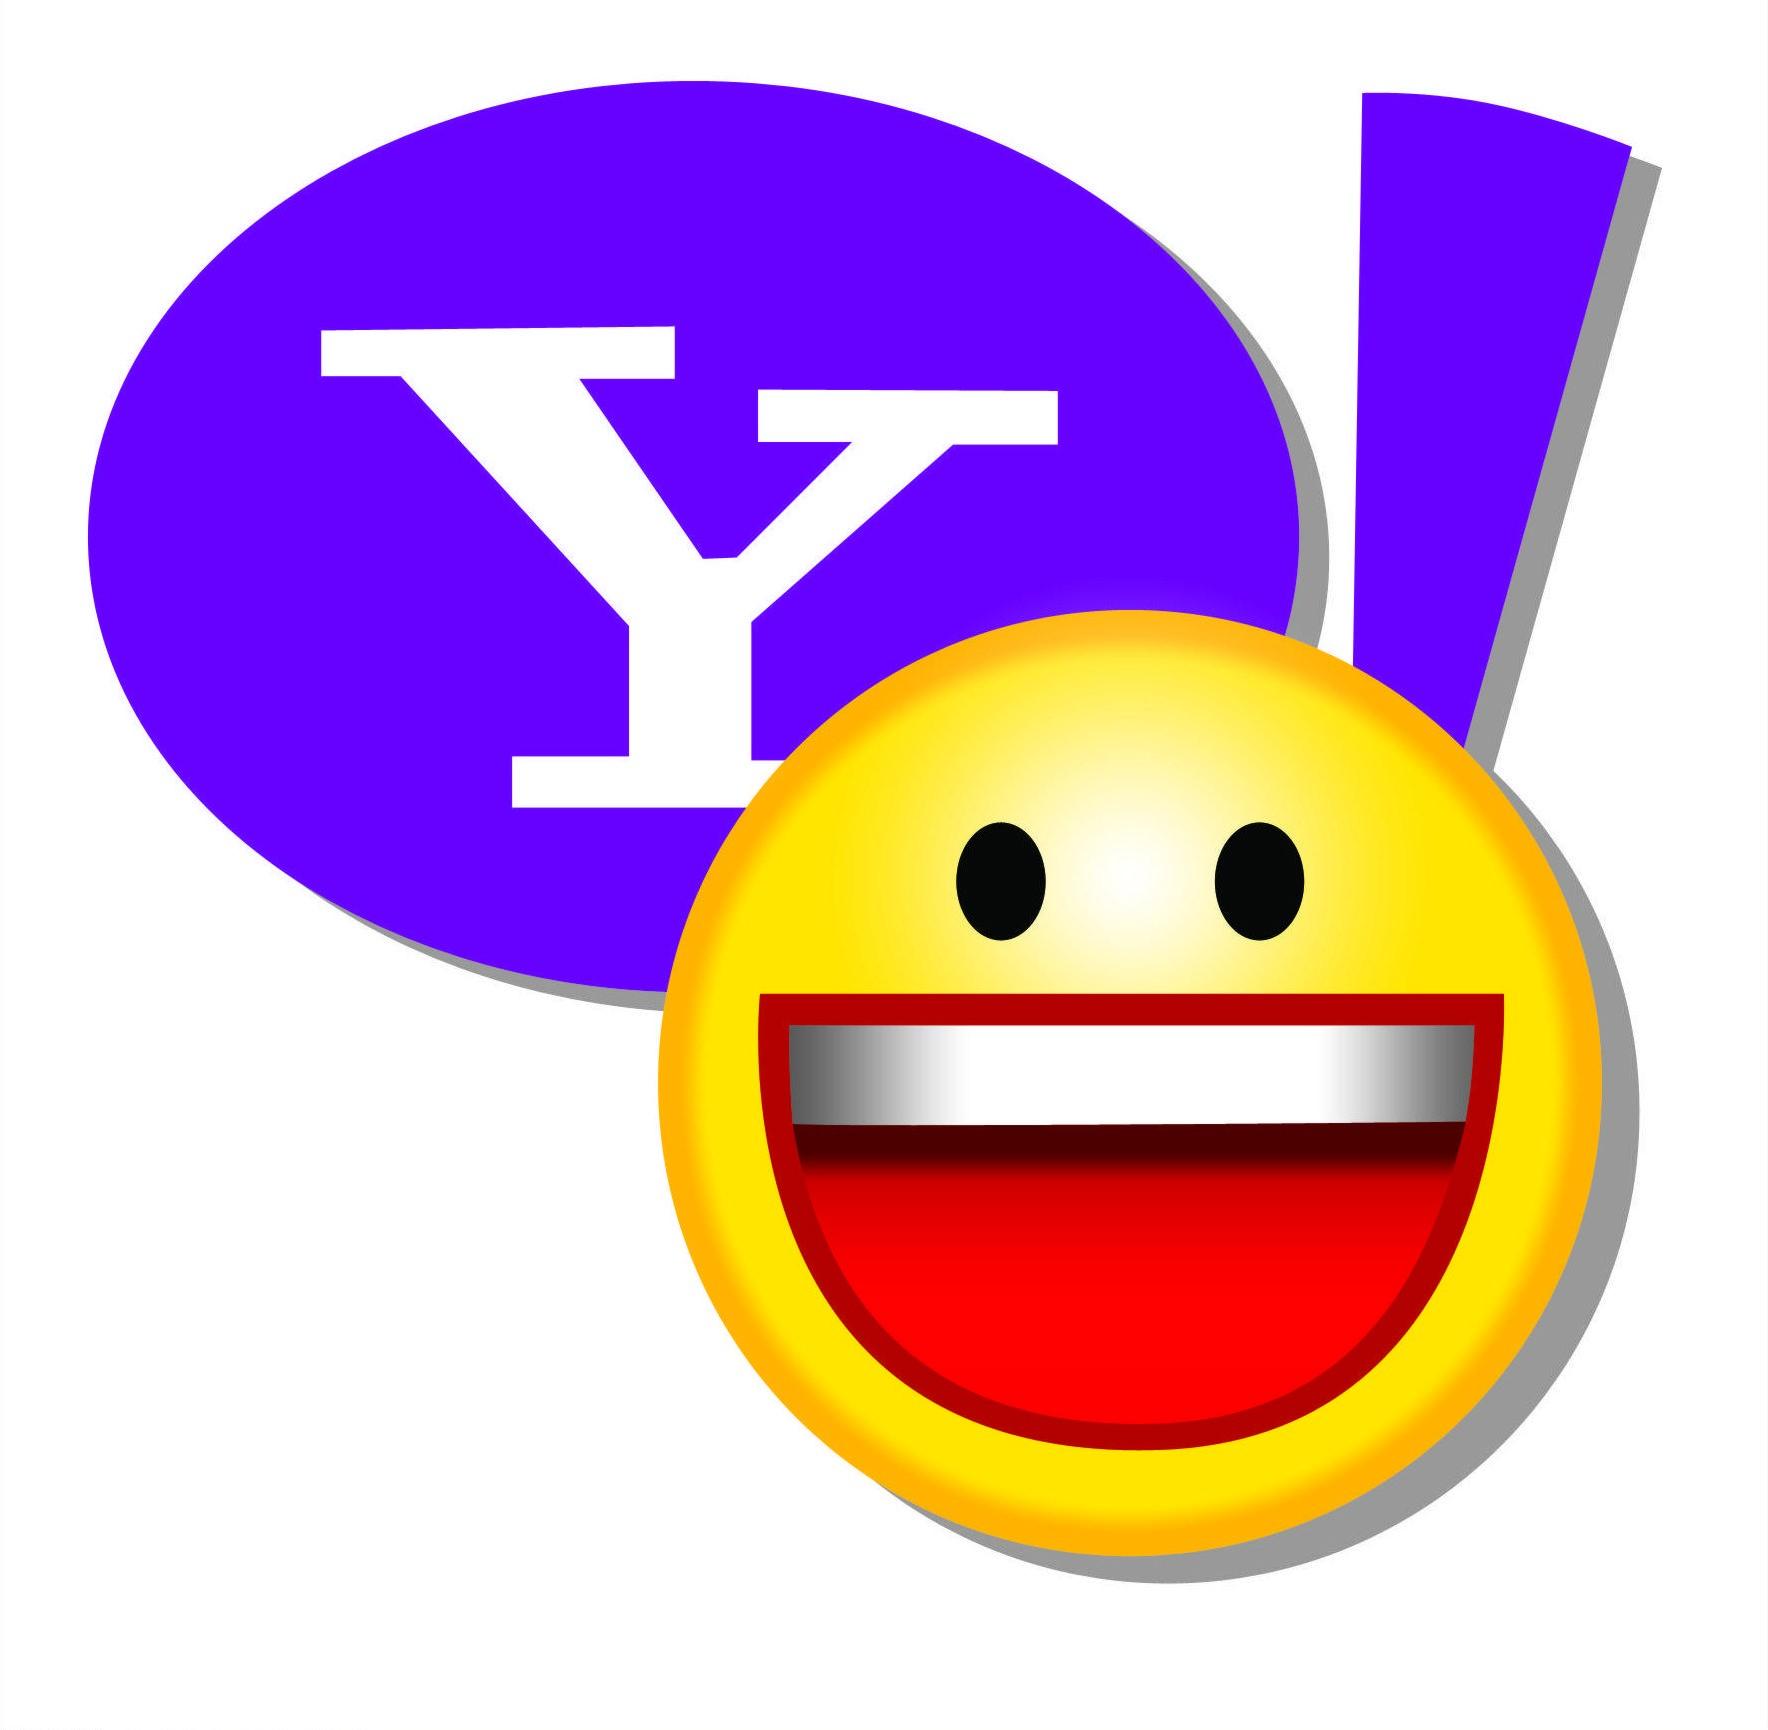 Претенденты напокупку оценили компанию Yahoo! в $2